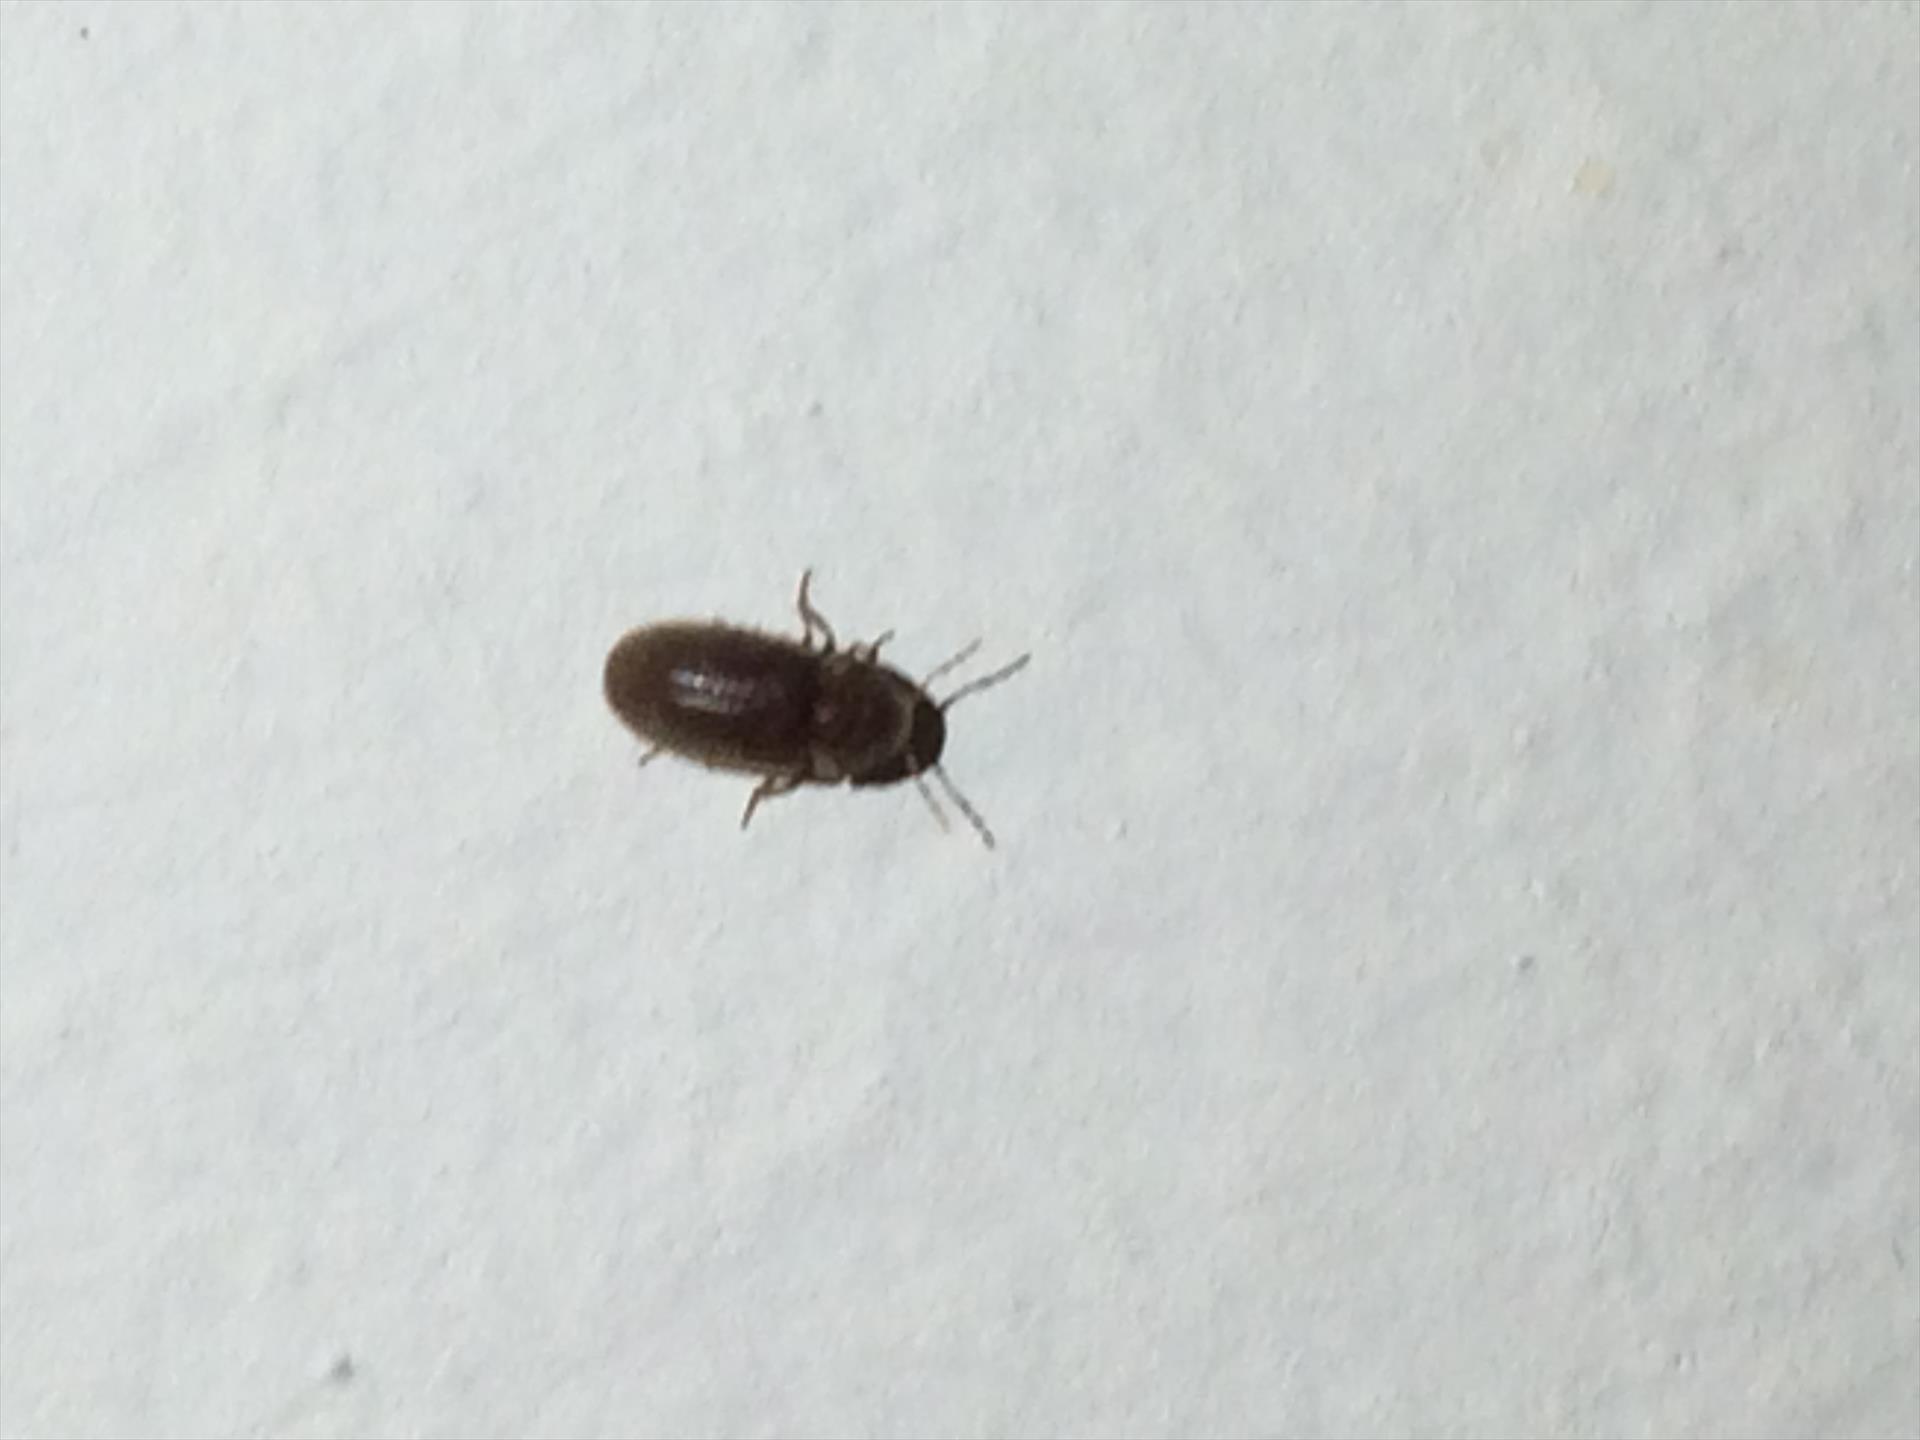 Piccoli Scarafaggi In Cucina gli insetti infestano la cucina dellasilo scatta la